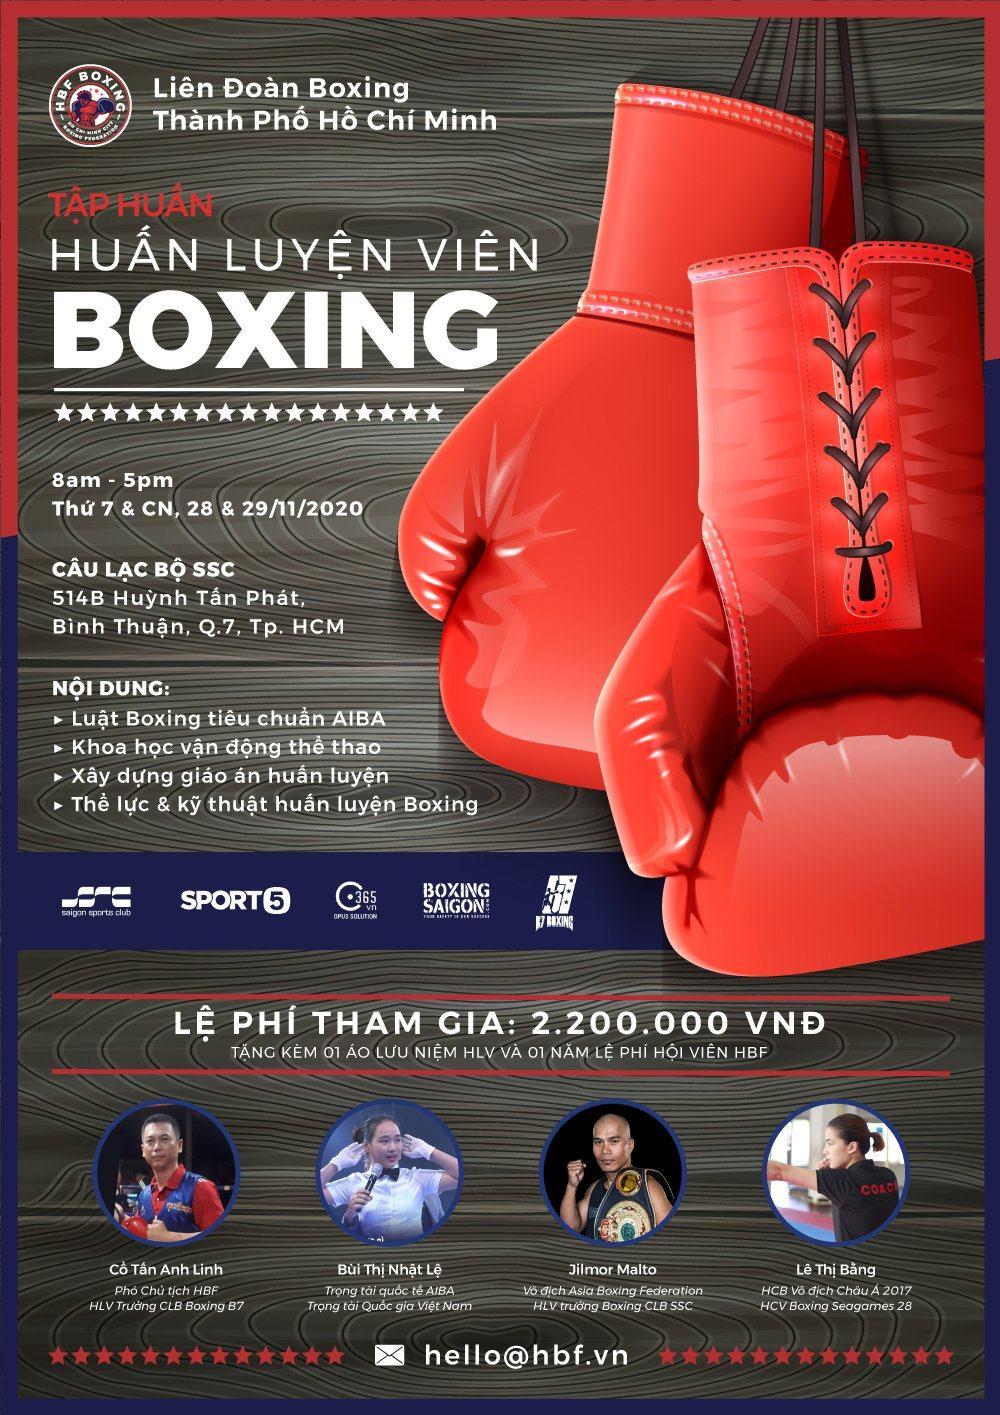 Liên đoàn Boxing TP.HCM HBF tiếp tục mở lớp tập huấn HLV Boxing phong trào - Tin vui cho người muốn khởi nghiệp với Boxing - Ảnh 1.